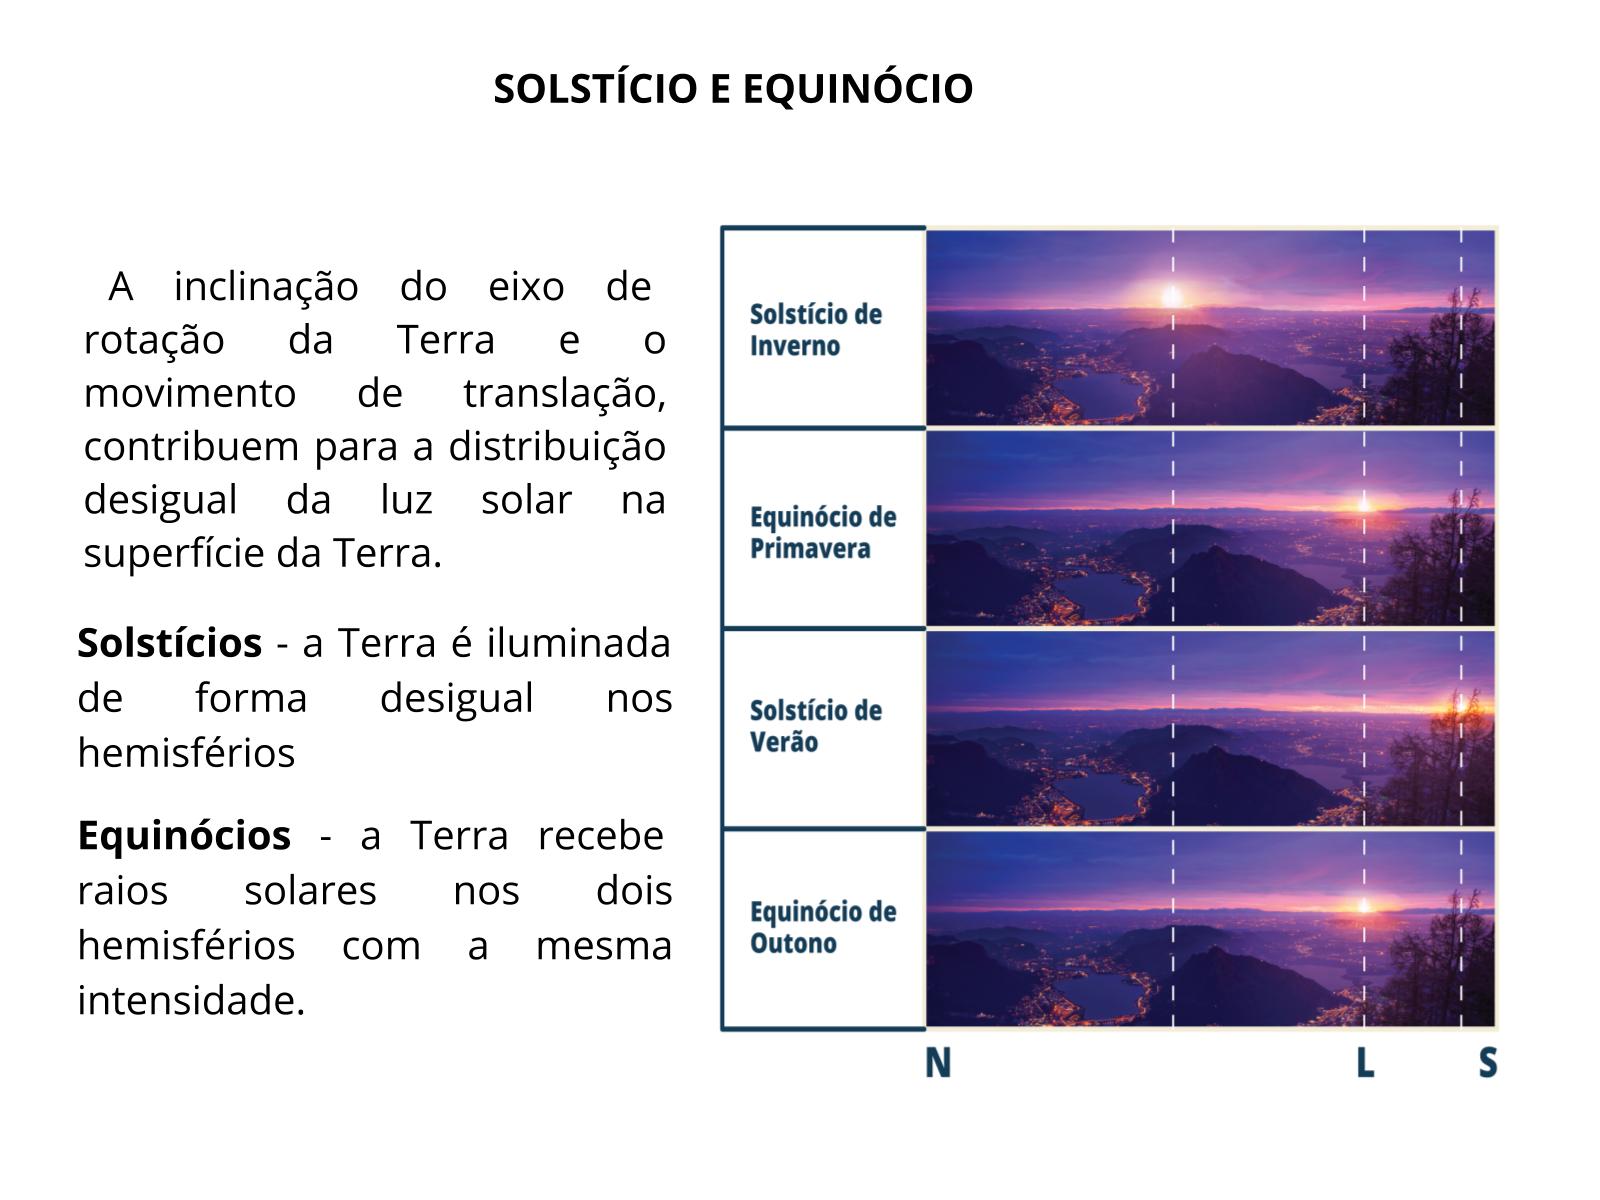 Solstício e equinócio